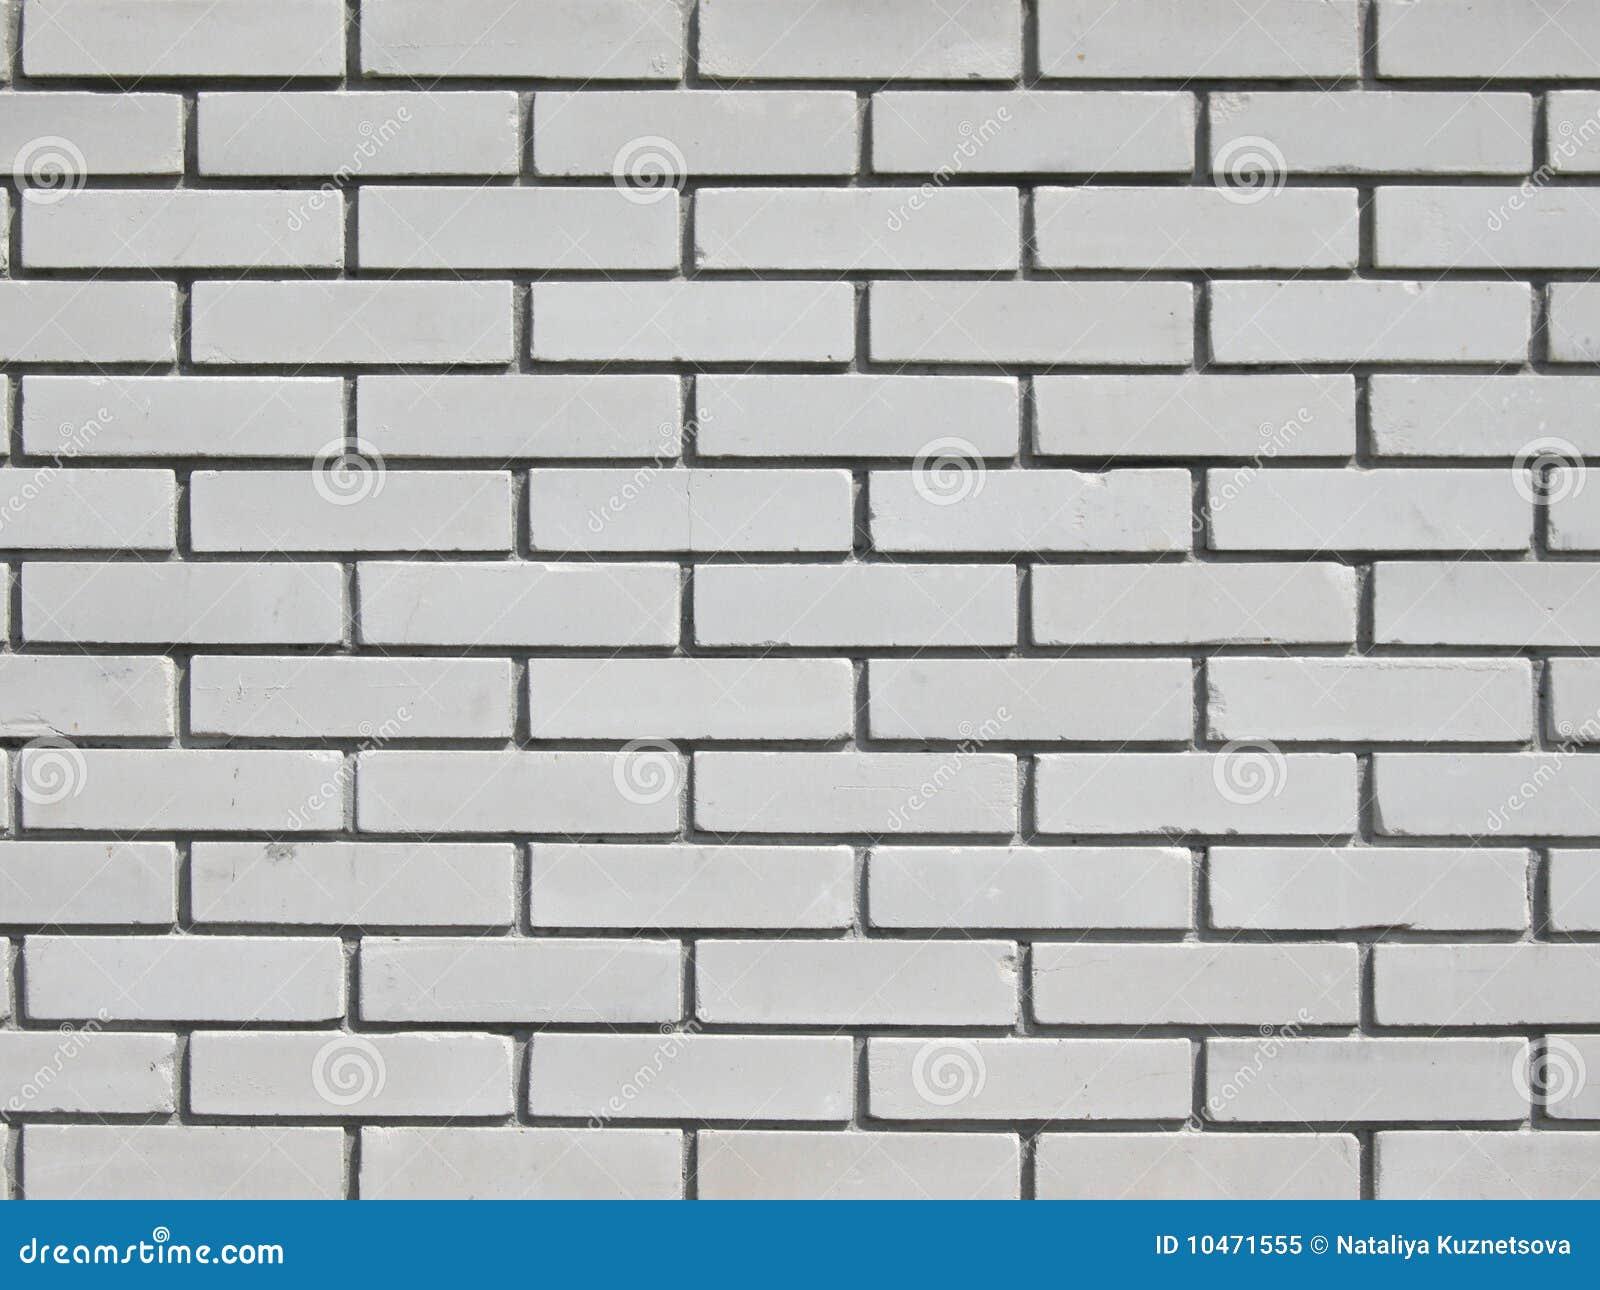 le fond de mur des briques blanches photo libre de droits image 10471555. Black Bedroom Furniture Sets. Home Design Ideas